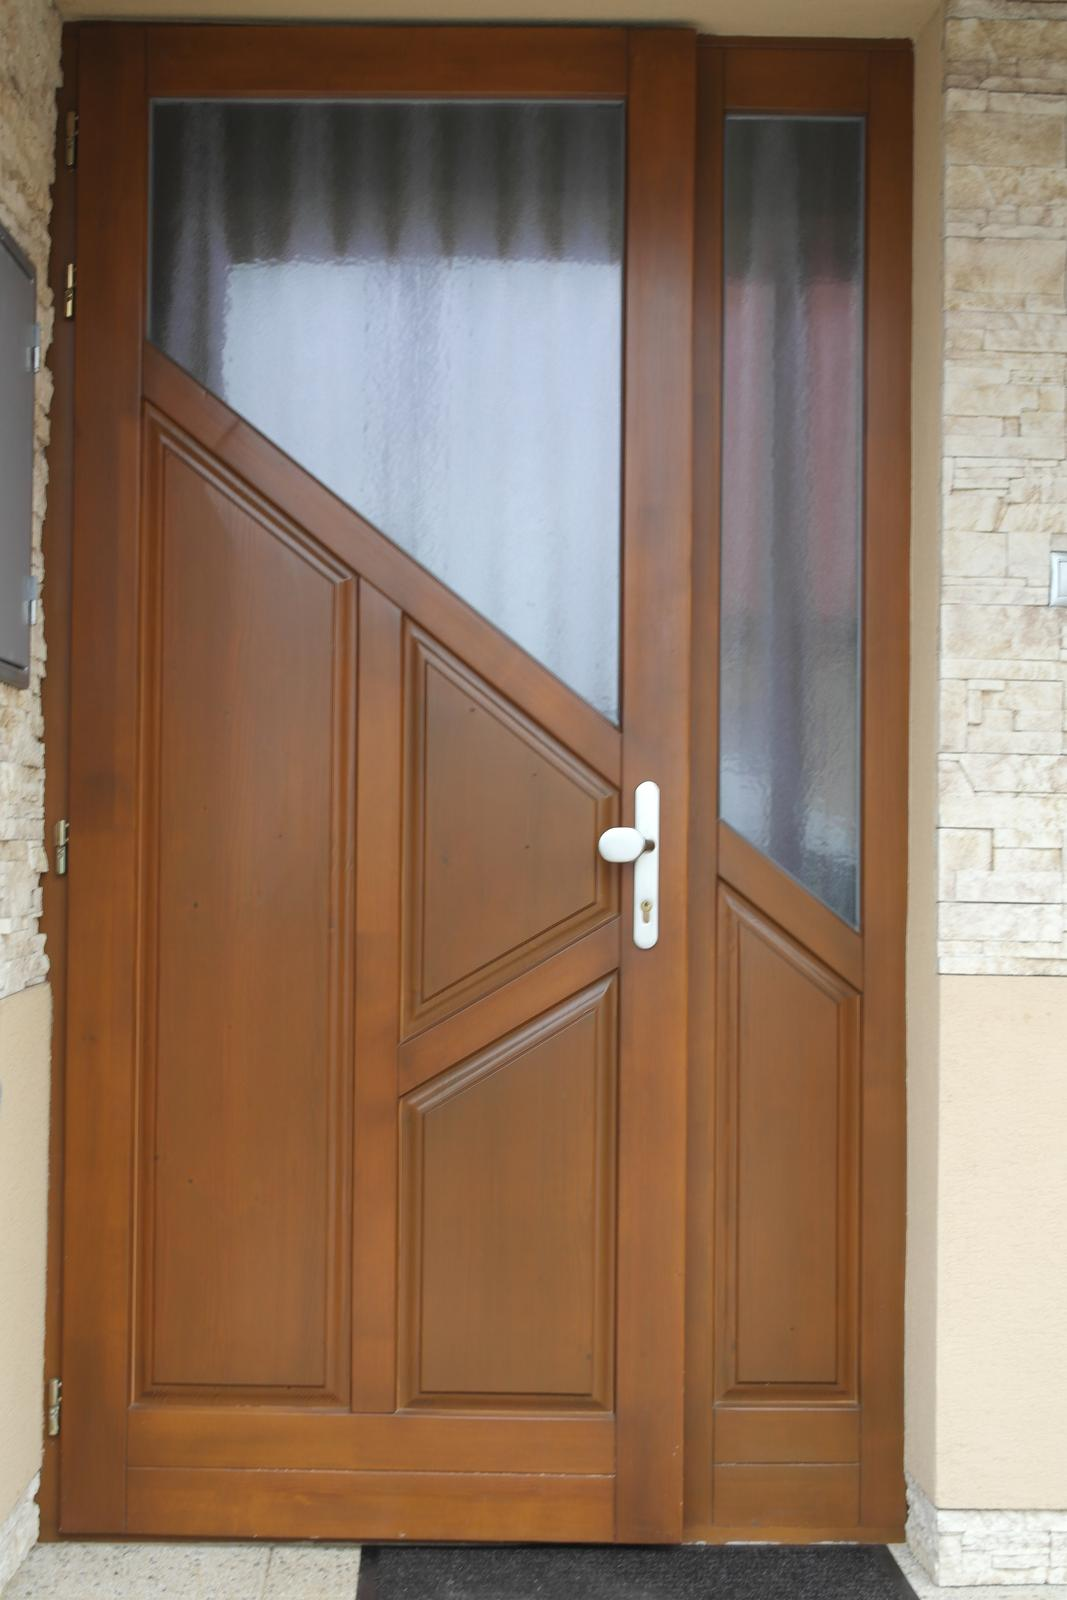 Vchodové dvere - Vchodové dvere profil 68mm cena 1230€ bez DPH